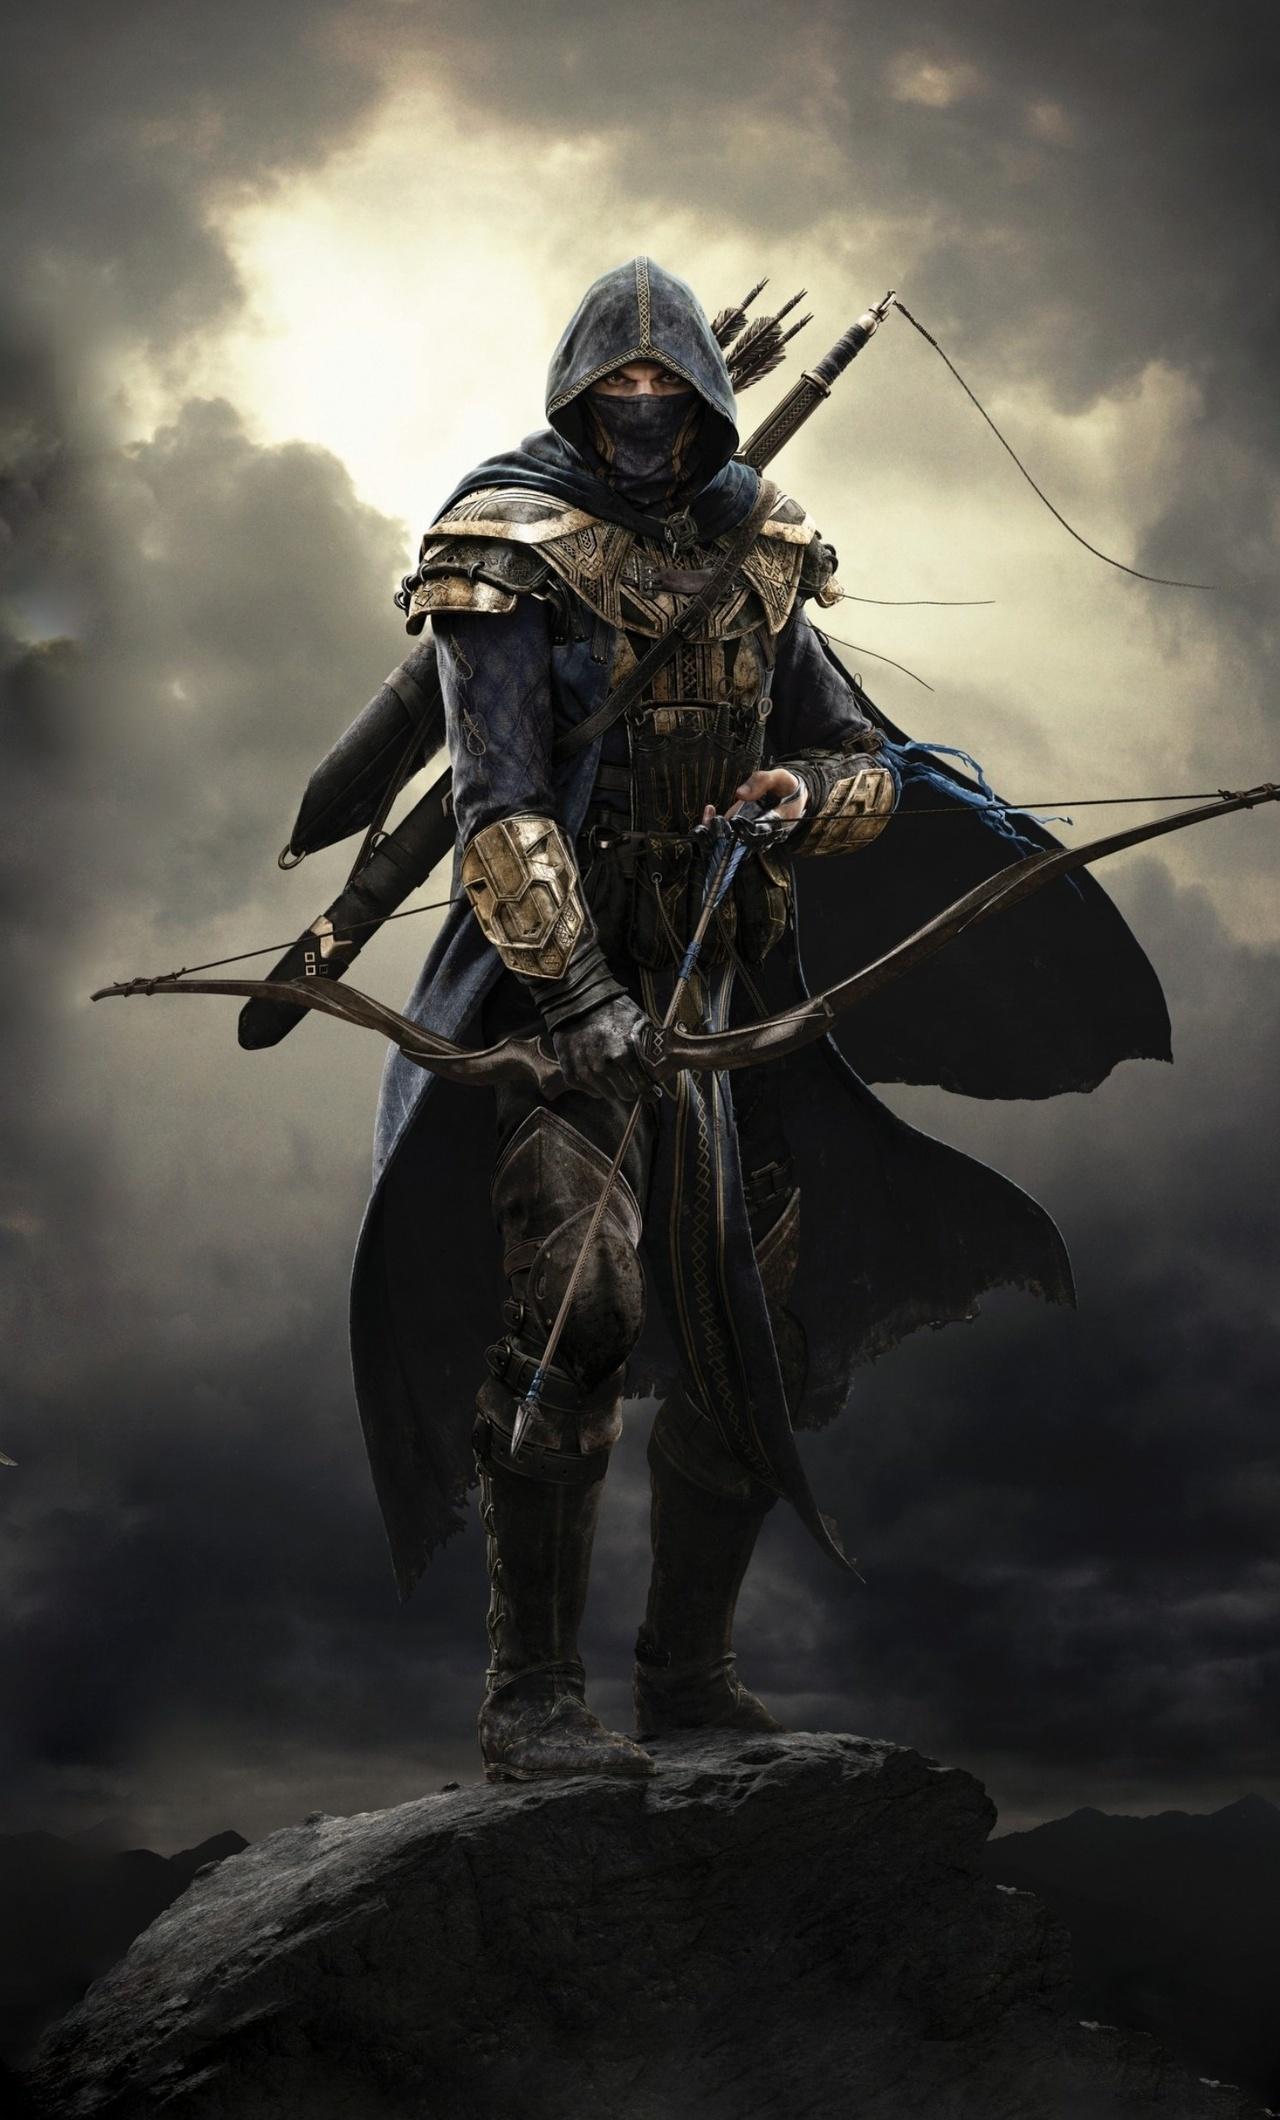 1280x2120 Elder Scrolls Online Warrior Iphone 6 Hd 4k Wallpapers